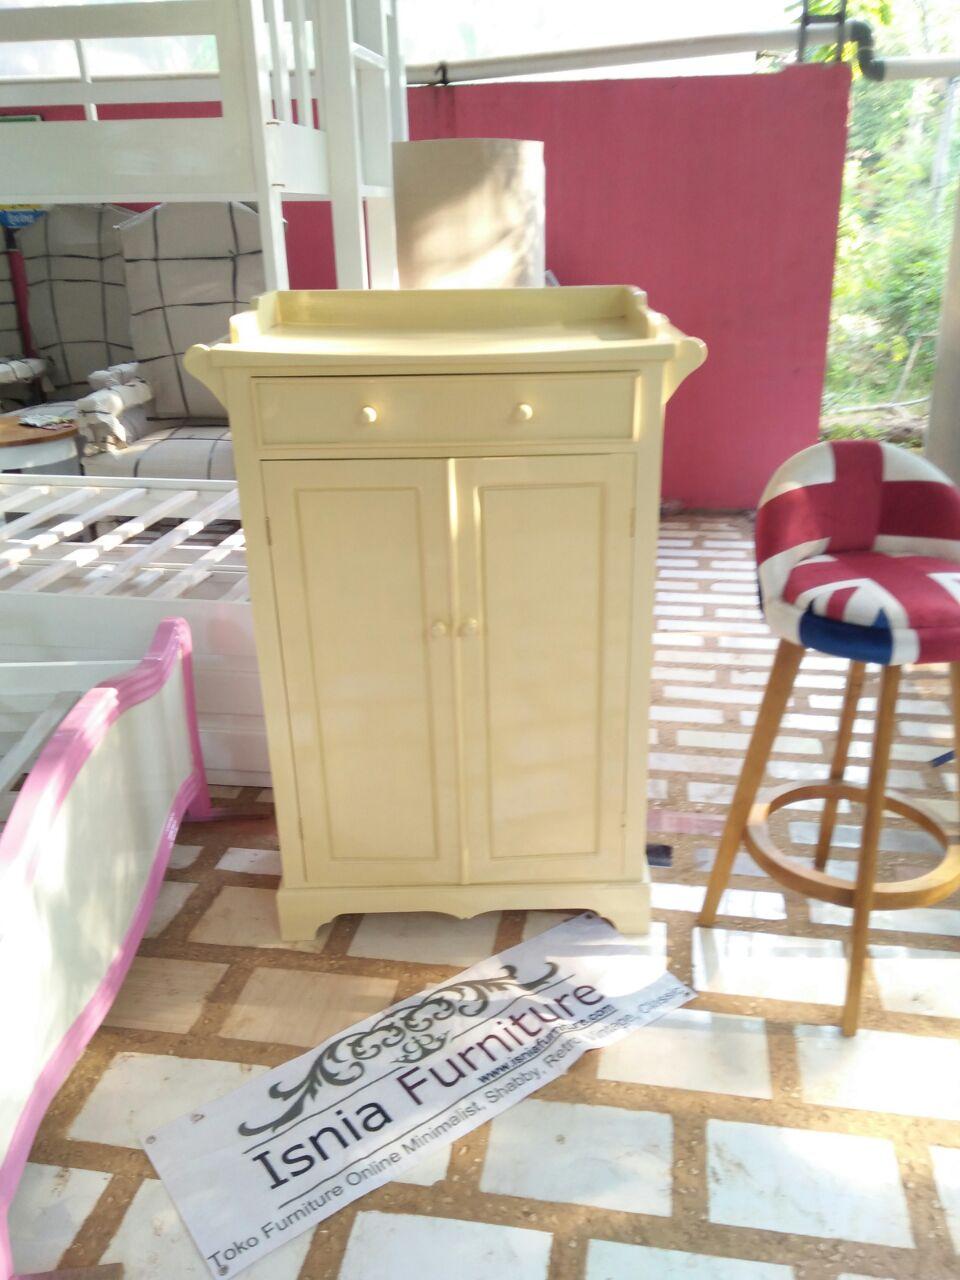 Jual-Dresser-Bayi-Minimalis-Modern Jual Dresser Bayi Minimalis Modern